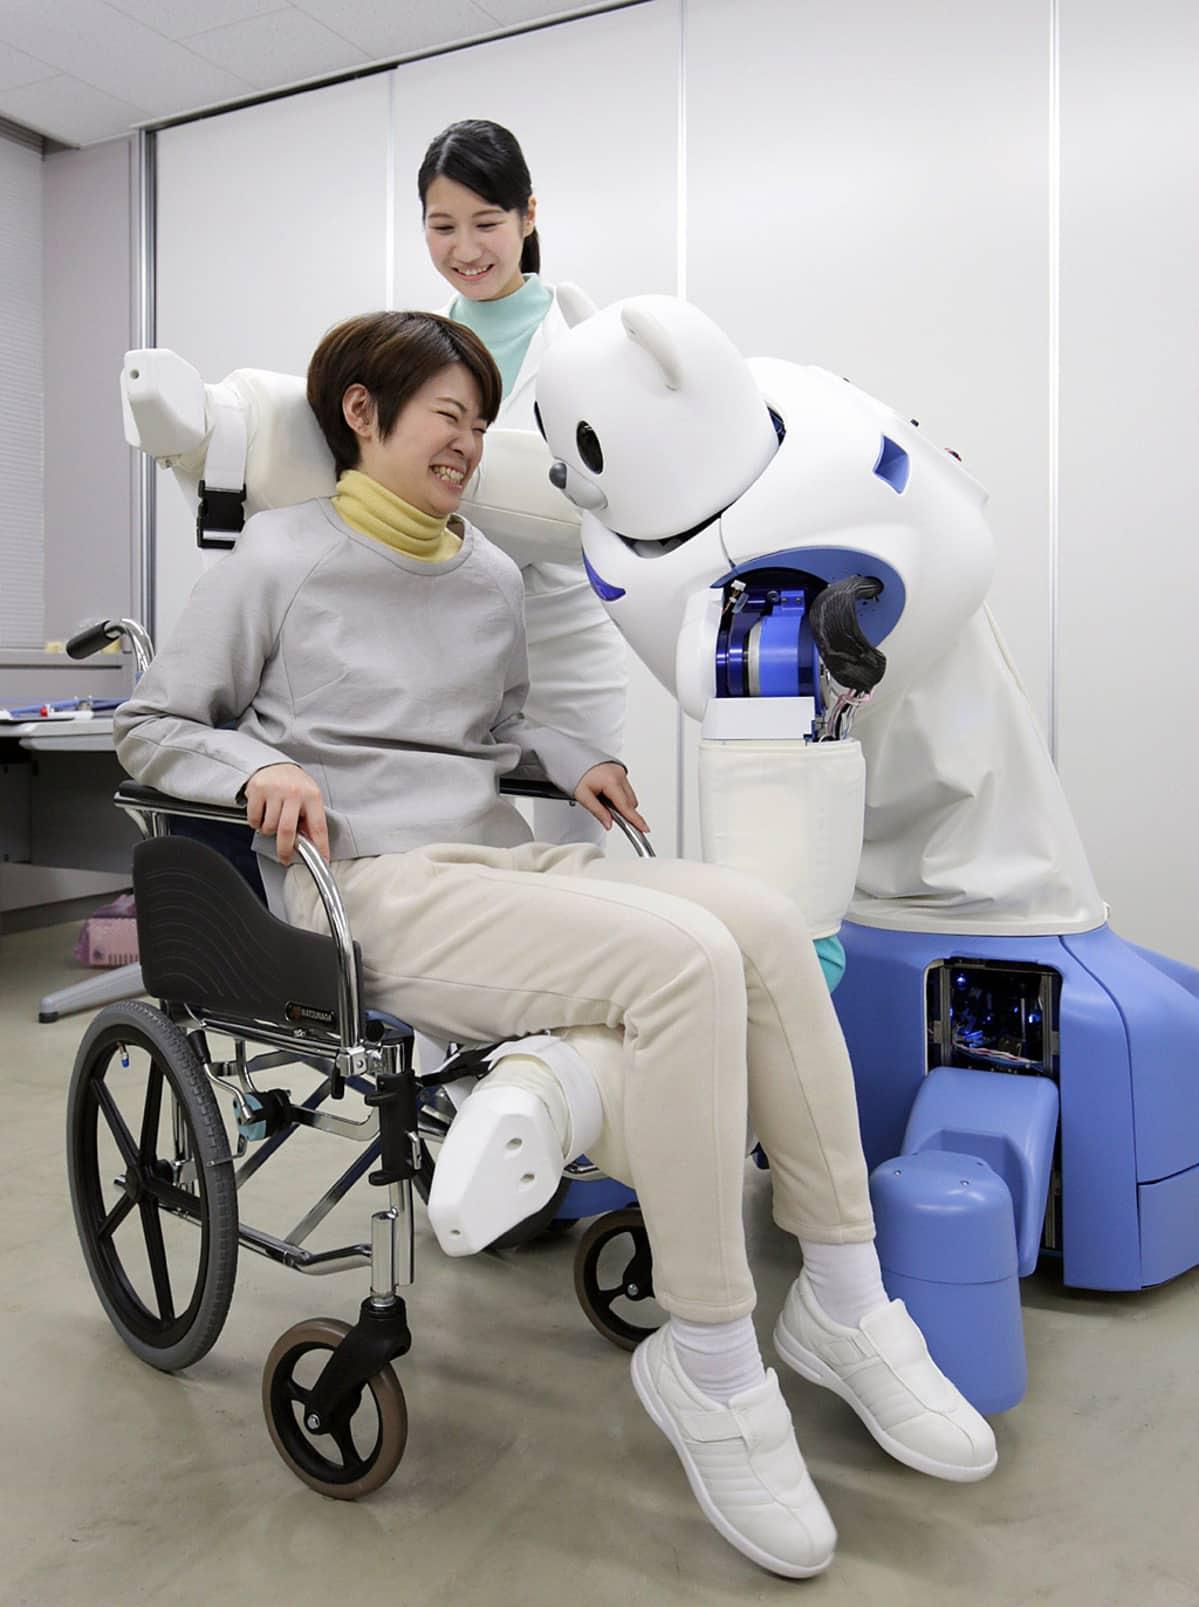 Riken-tutkimuskeskus esittelee sen kehittämää ROBEAR-hoitorobottia.